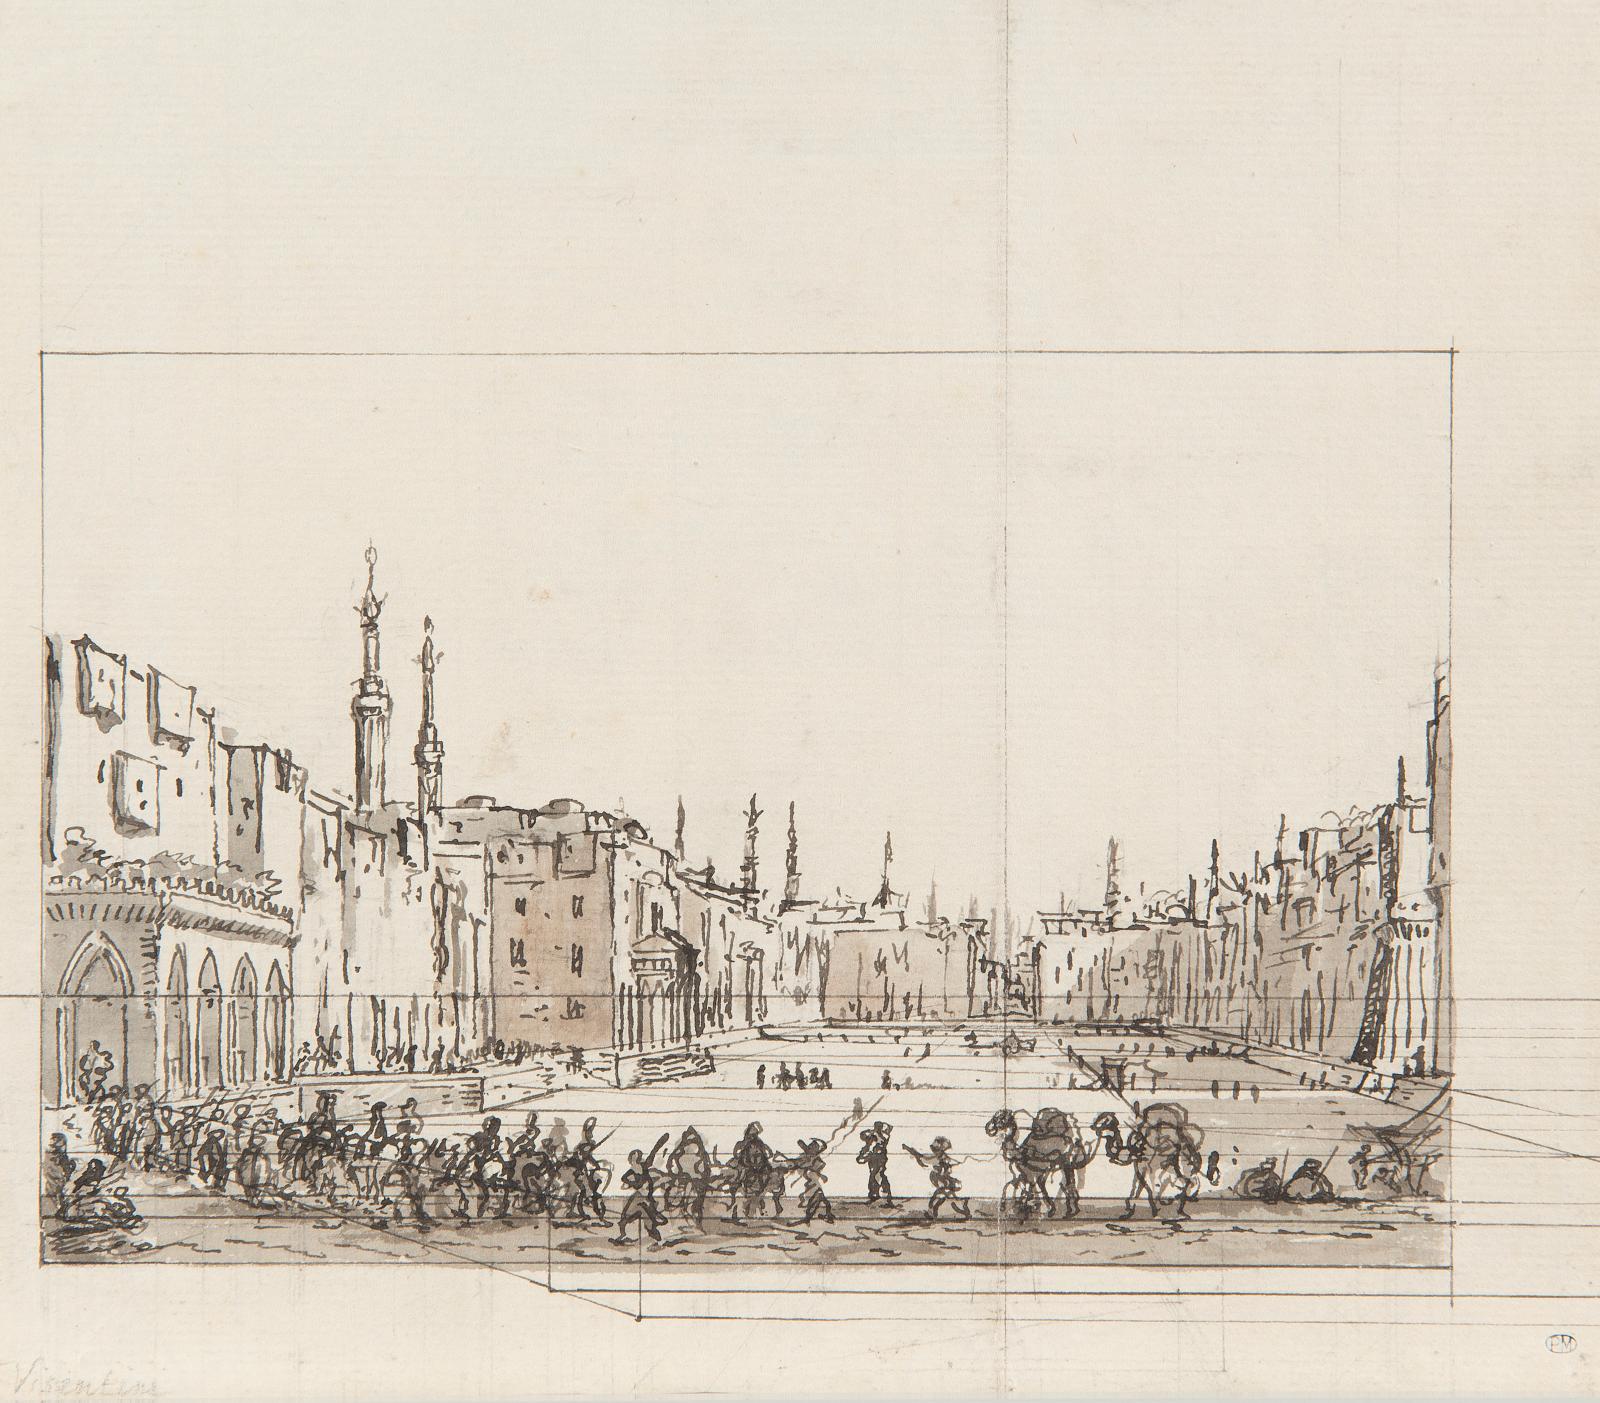 Luigi Mayer (1755-1803), Une procession au Caire (recto, détail reproduit); Vue de Jérusalem avec le dôme du Rocher (verso), pierre noire, plume et e